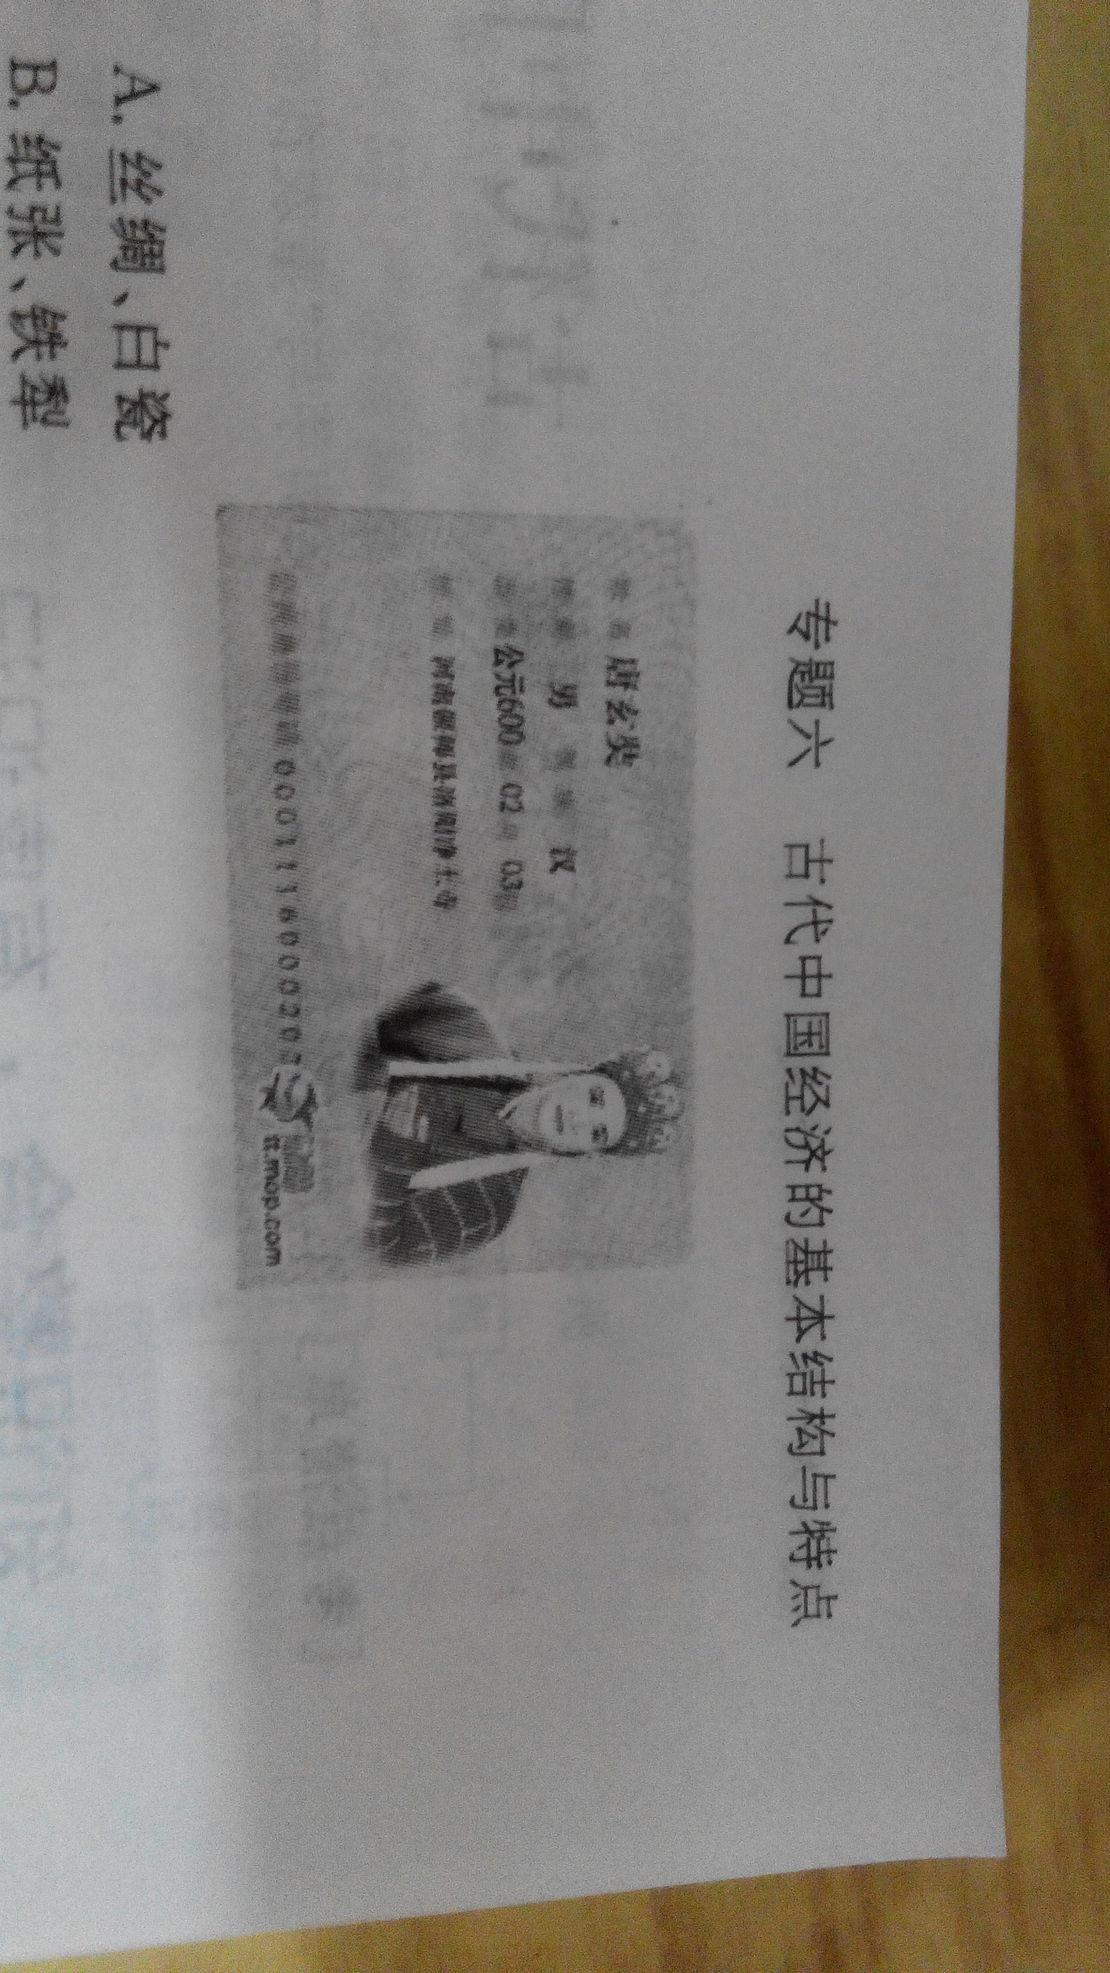 刚刚上历史课看到的,唐玄藏的身份证。